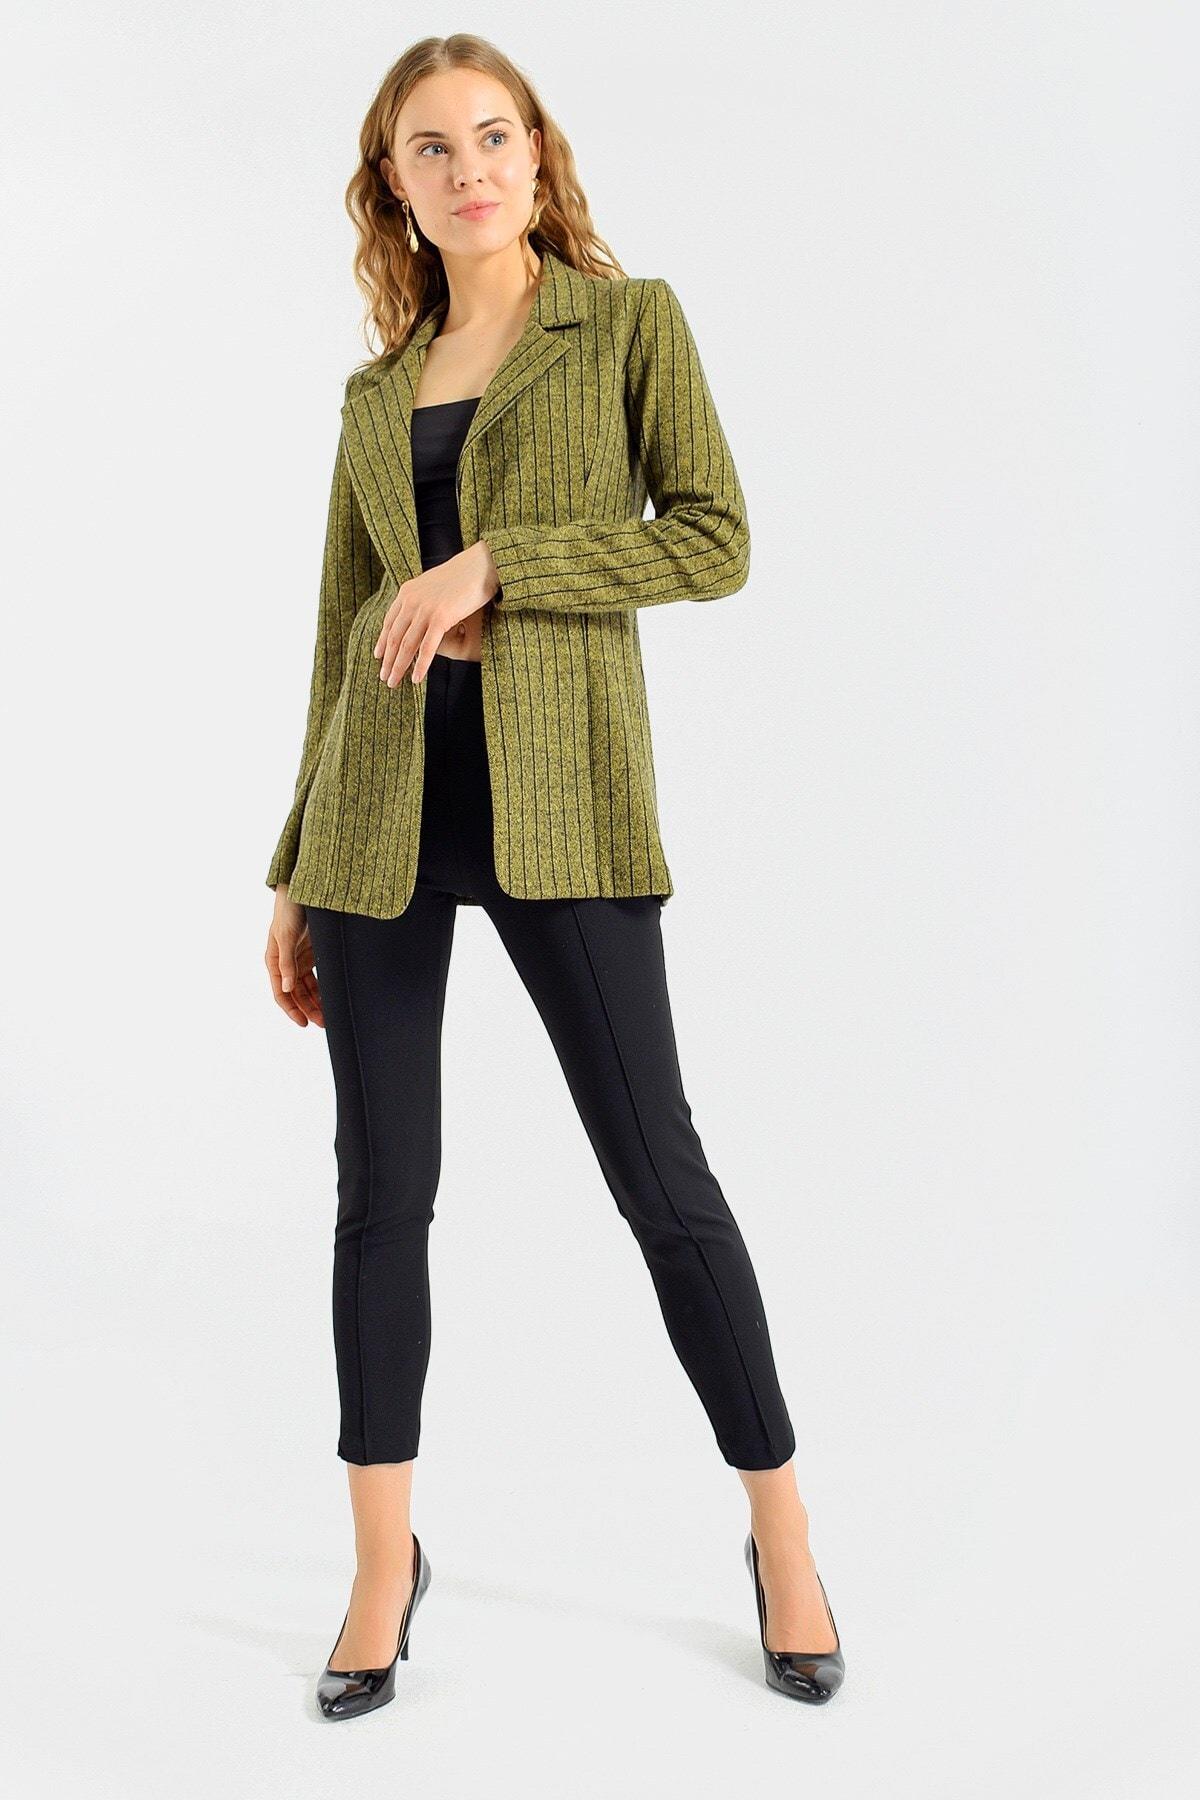 Jument Kadın Hardal Çizgi Kadın Çizgi Desenli Kışlık Uzun Kaşe Ceket-Hardal Çizgi 30027